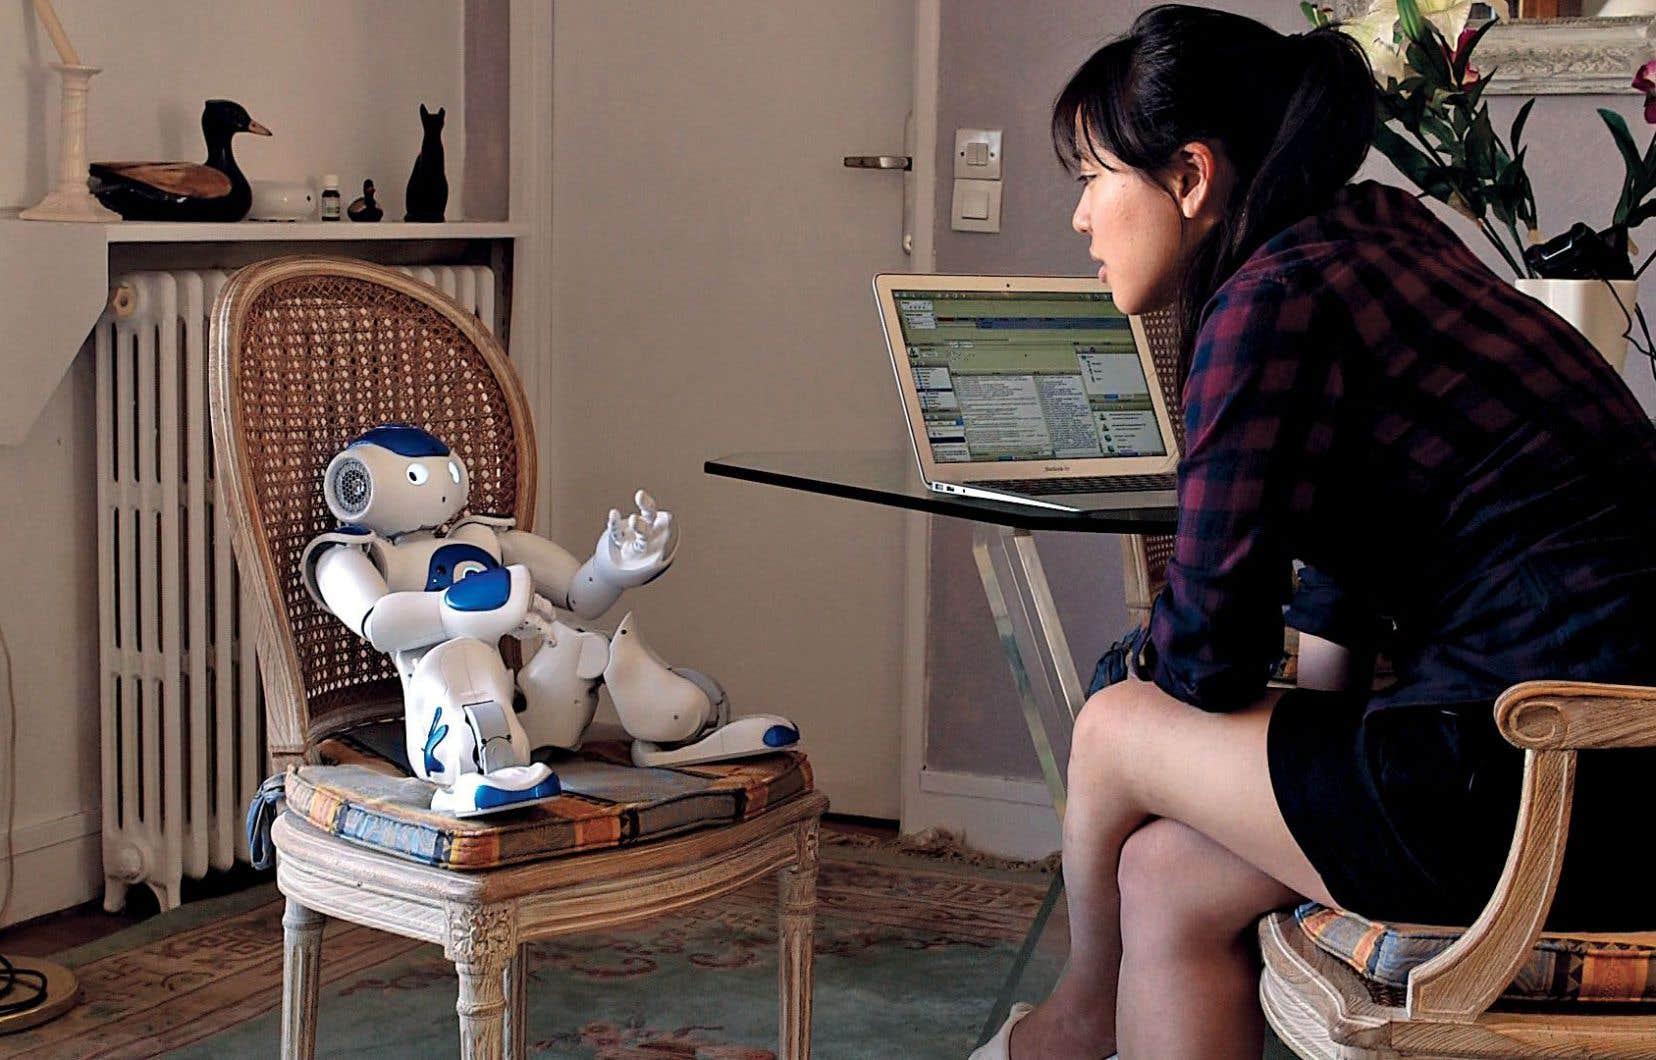 Le petit robot d'Angelica peut presque tout faire, pourvu qu'on lui télécharge de bonnes «applis».